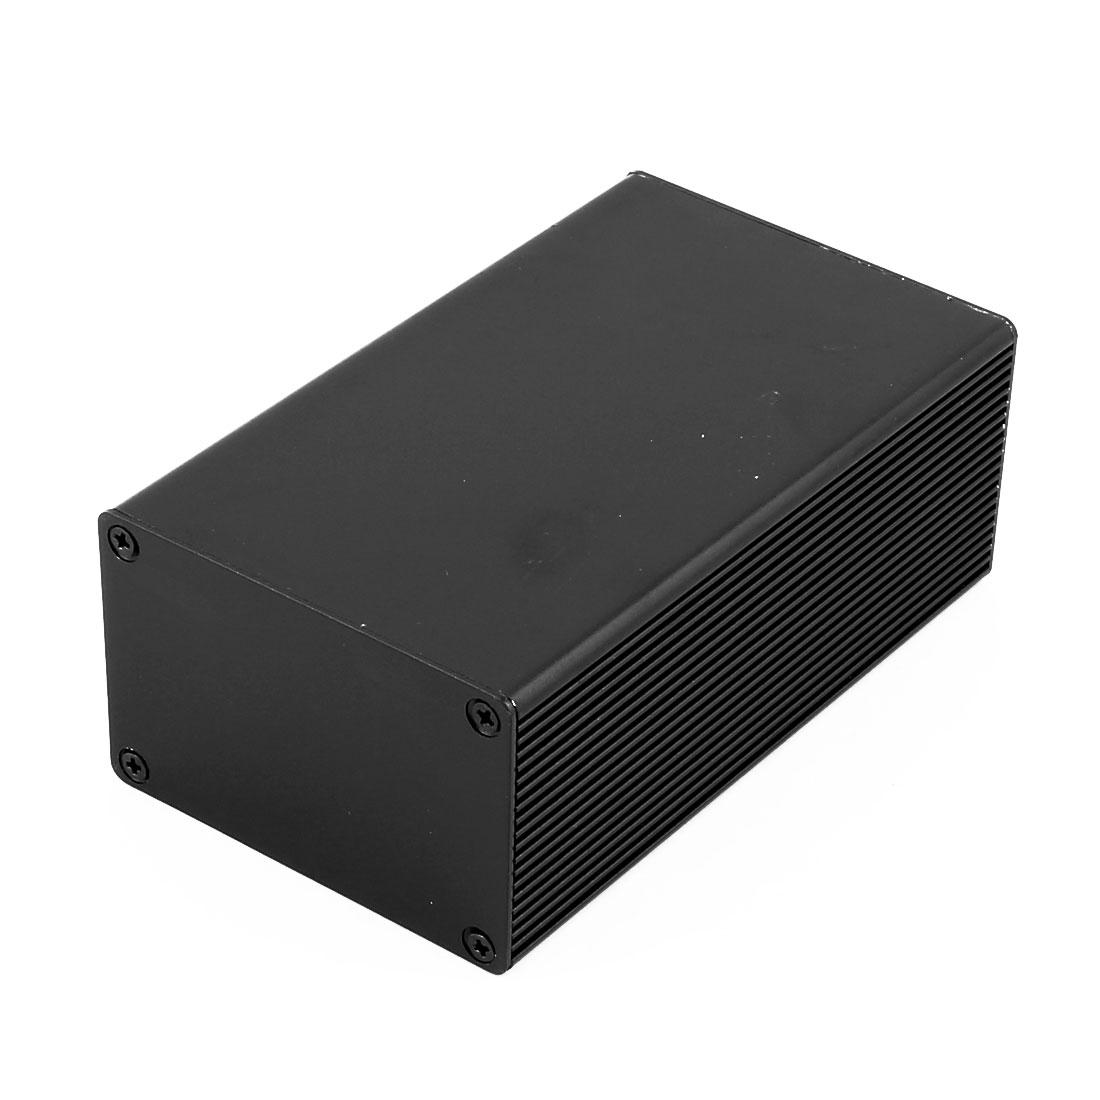 Unique Bargains 112 x 66 x 43mm Multi-purpose Electronic Extruded Aluminum Enclosure Case Black - image 4 of 4